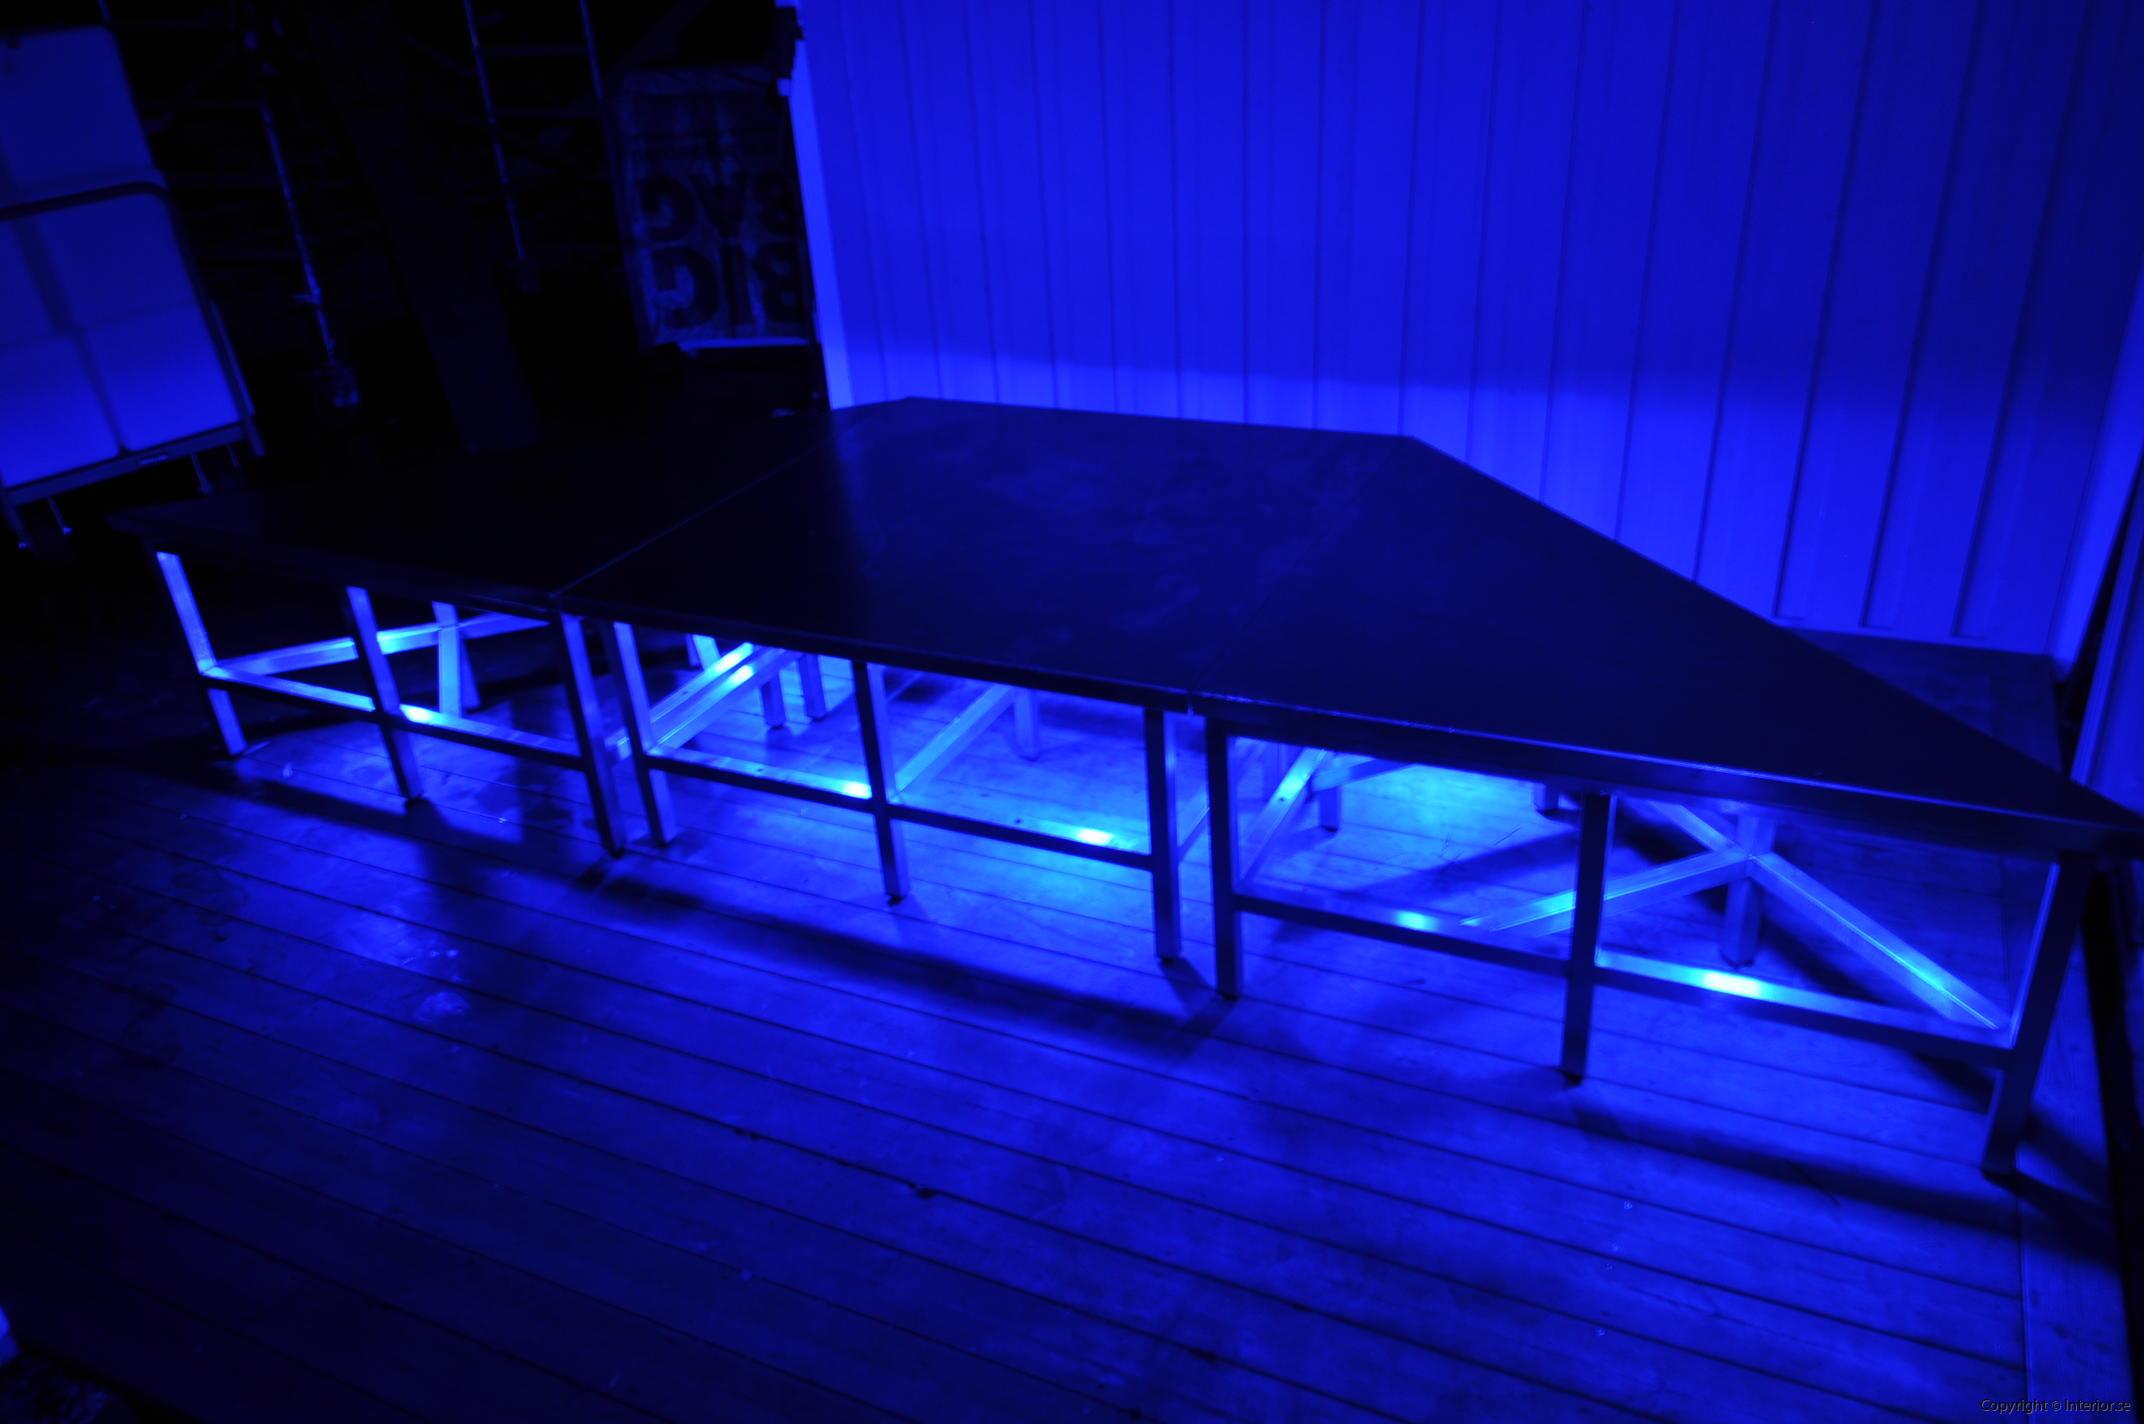 hyra scen podier podium rostfri dansscen hyr stockholm event möbler inredning (7)